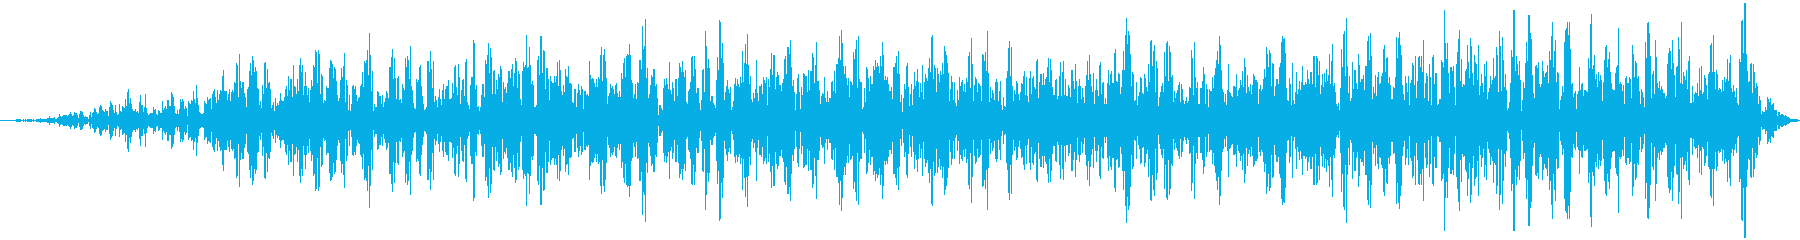 ラクダのうめき声。シングルショート...の再生済みの波形